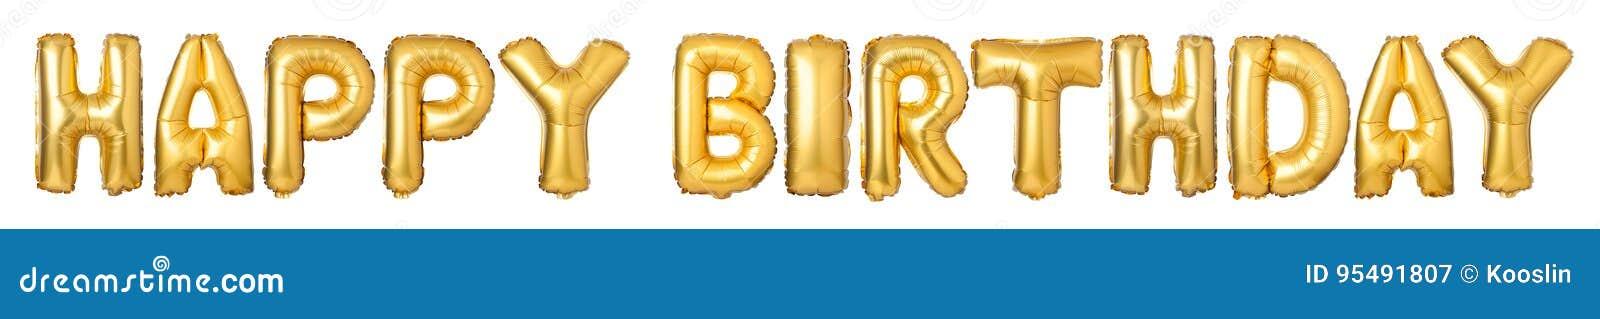 FELIZ ANIVERSARIO de letras de caixa dos balões dourados